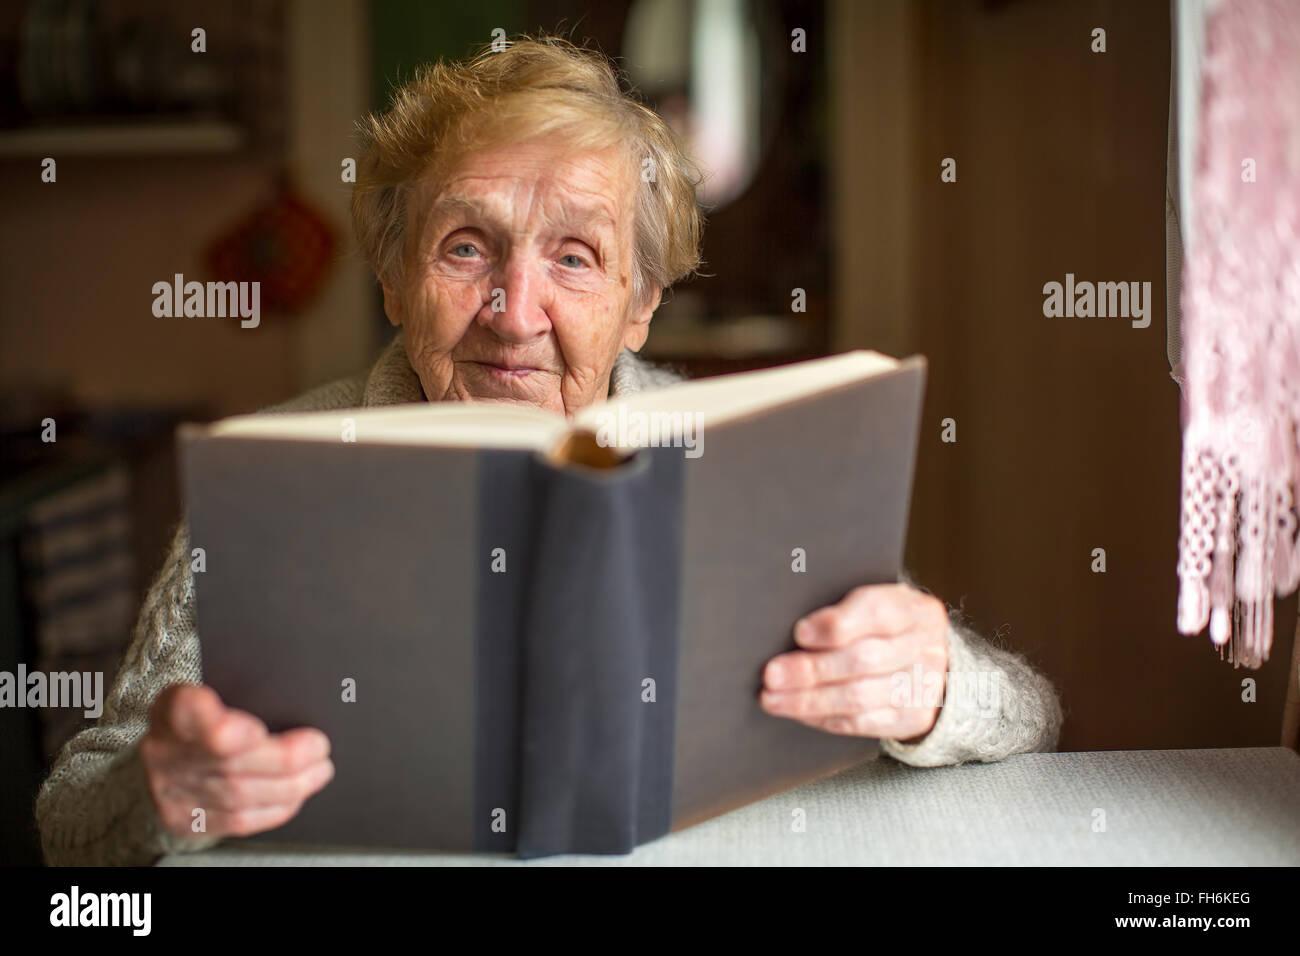 Eine ältere Frau, die ein großes Buch zu lesen. Stockbild